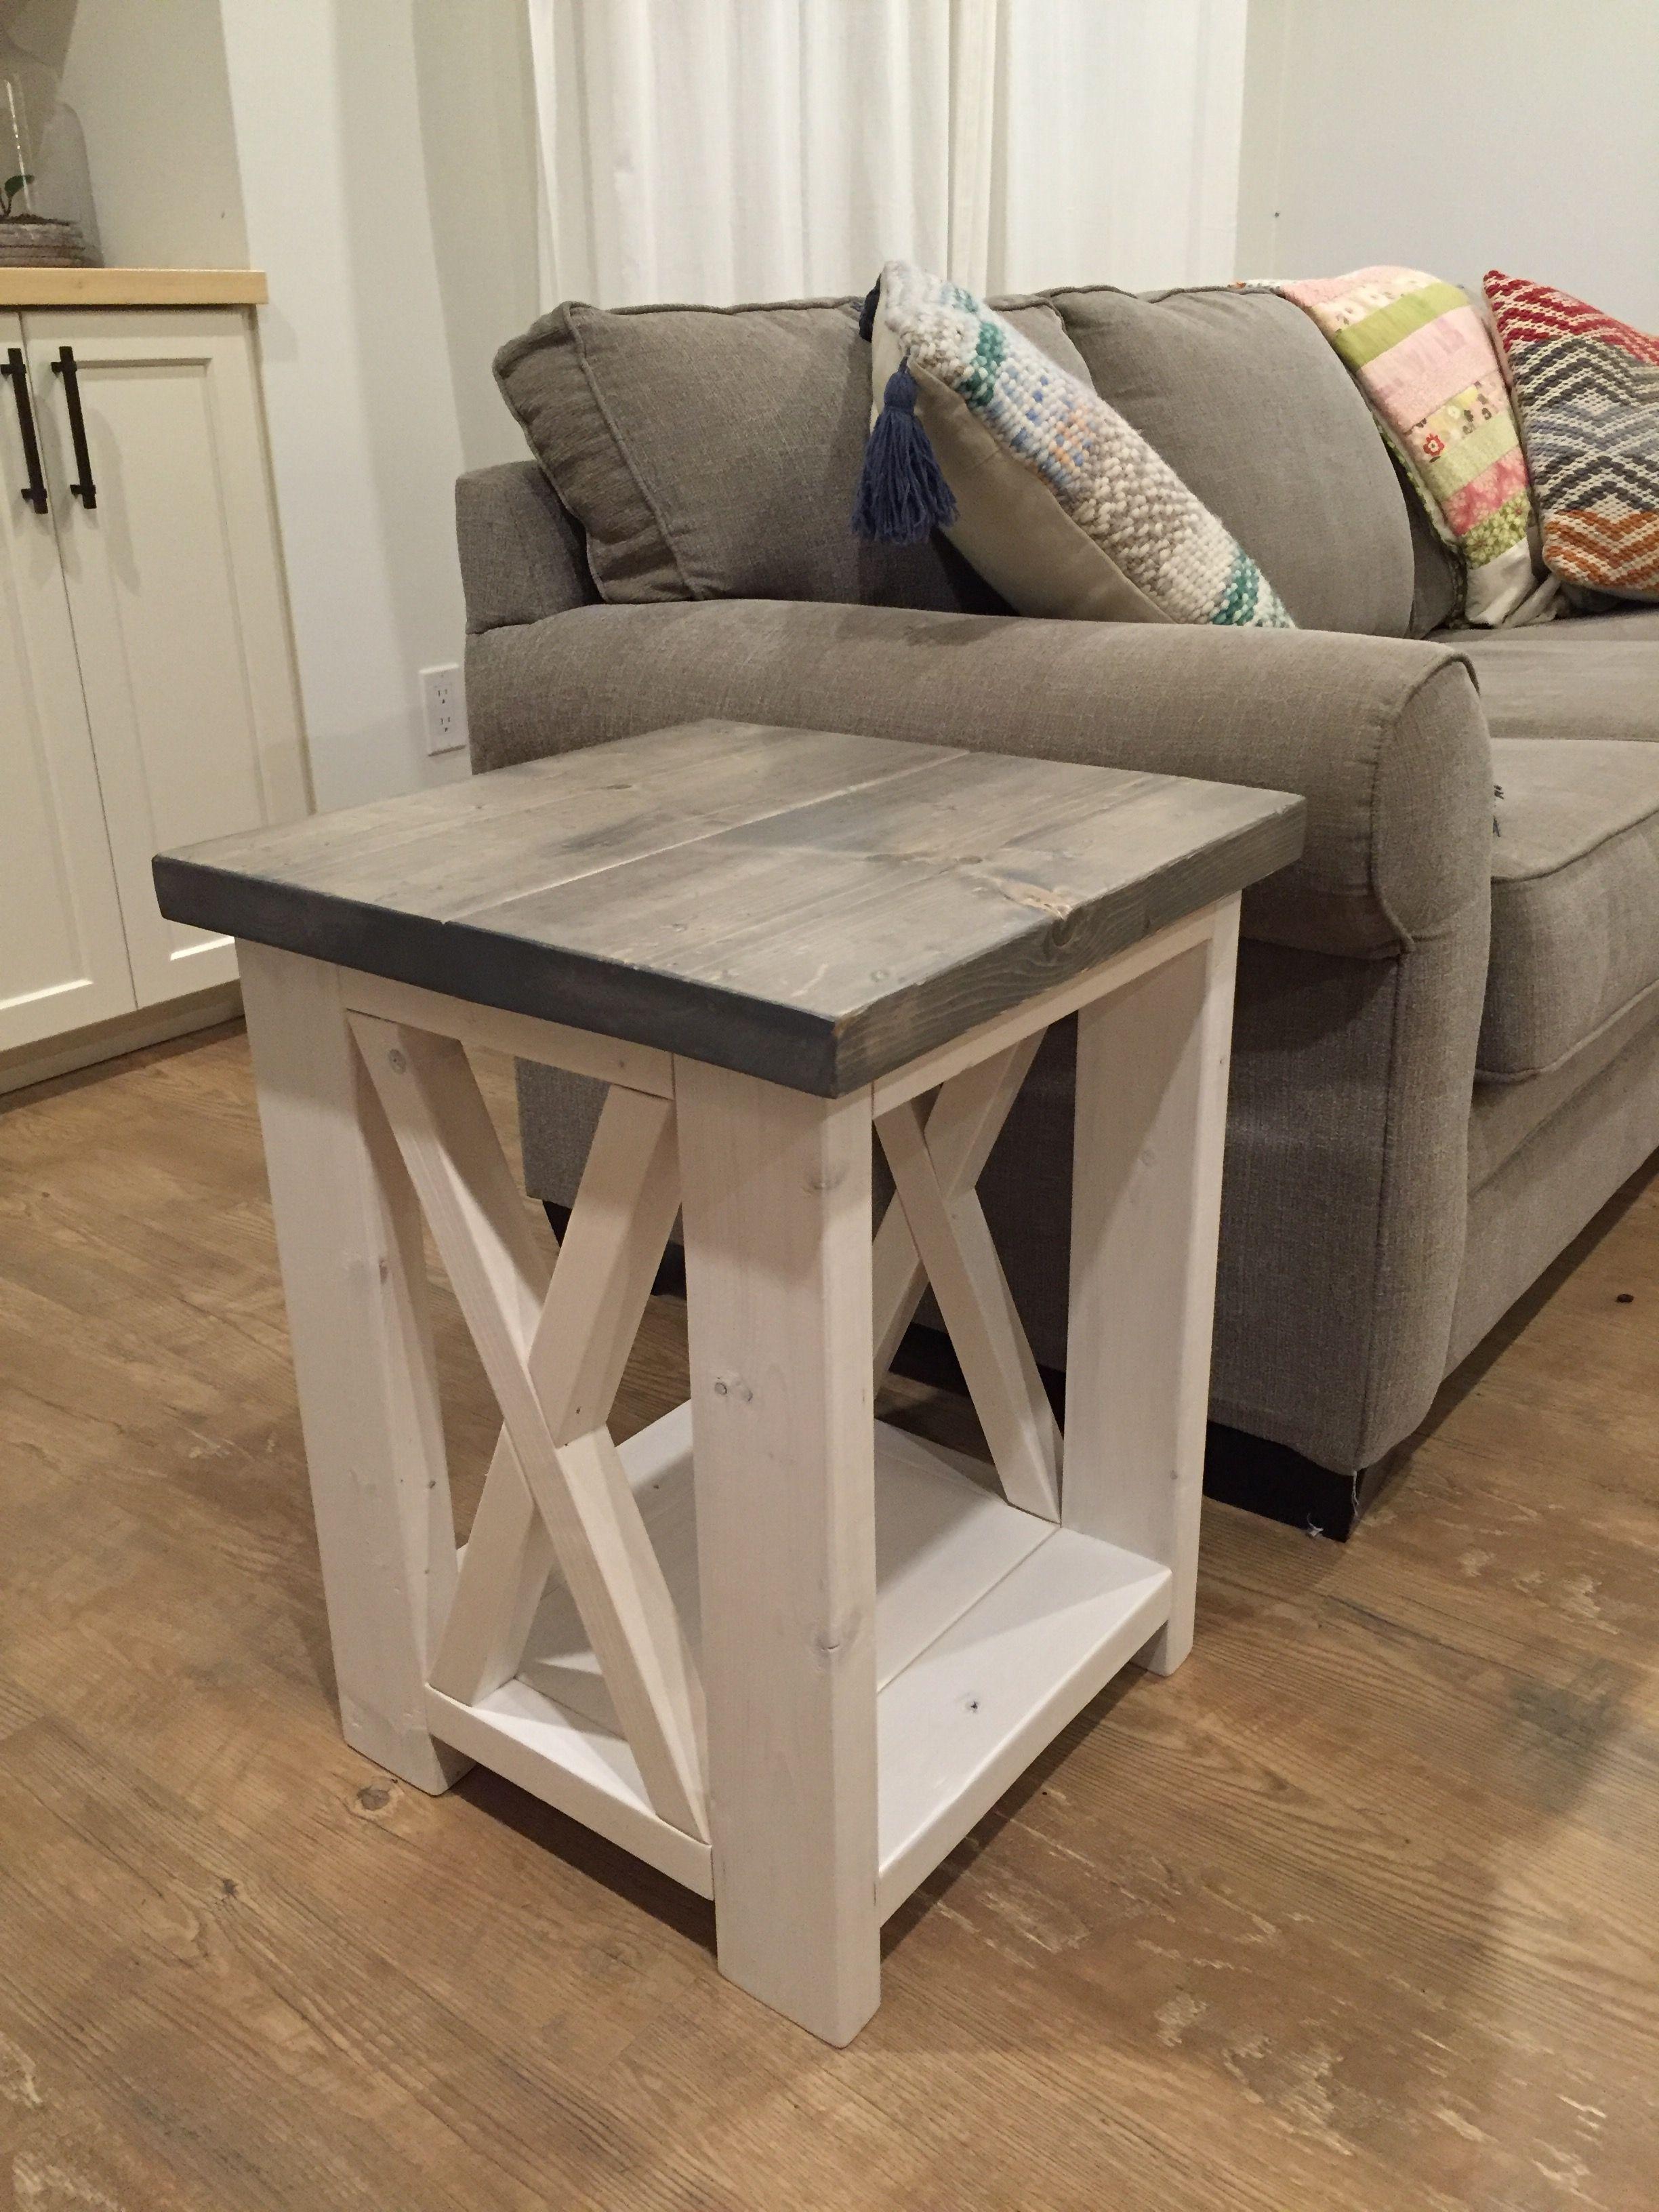 Pin By Lynn Davis Elie On Wyatzy Co Rustic Furniture Diy Rustic